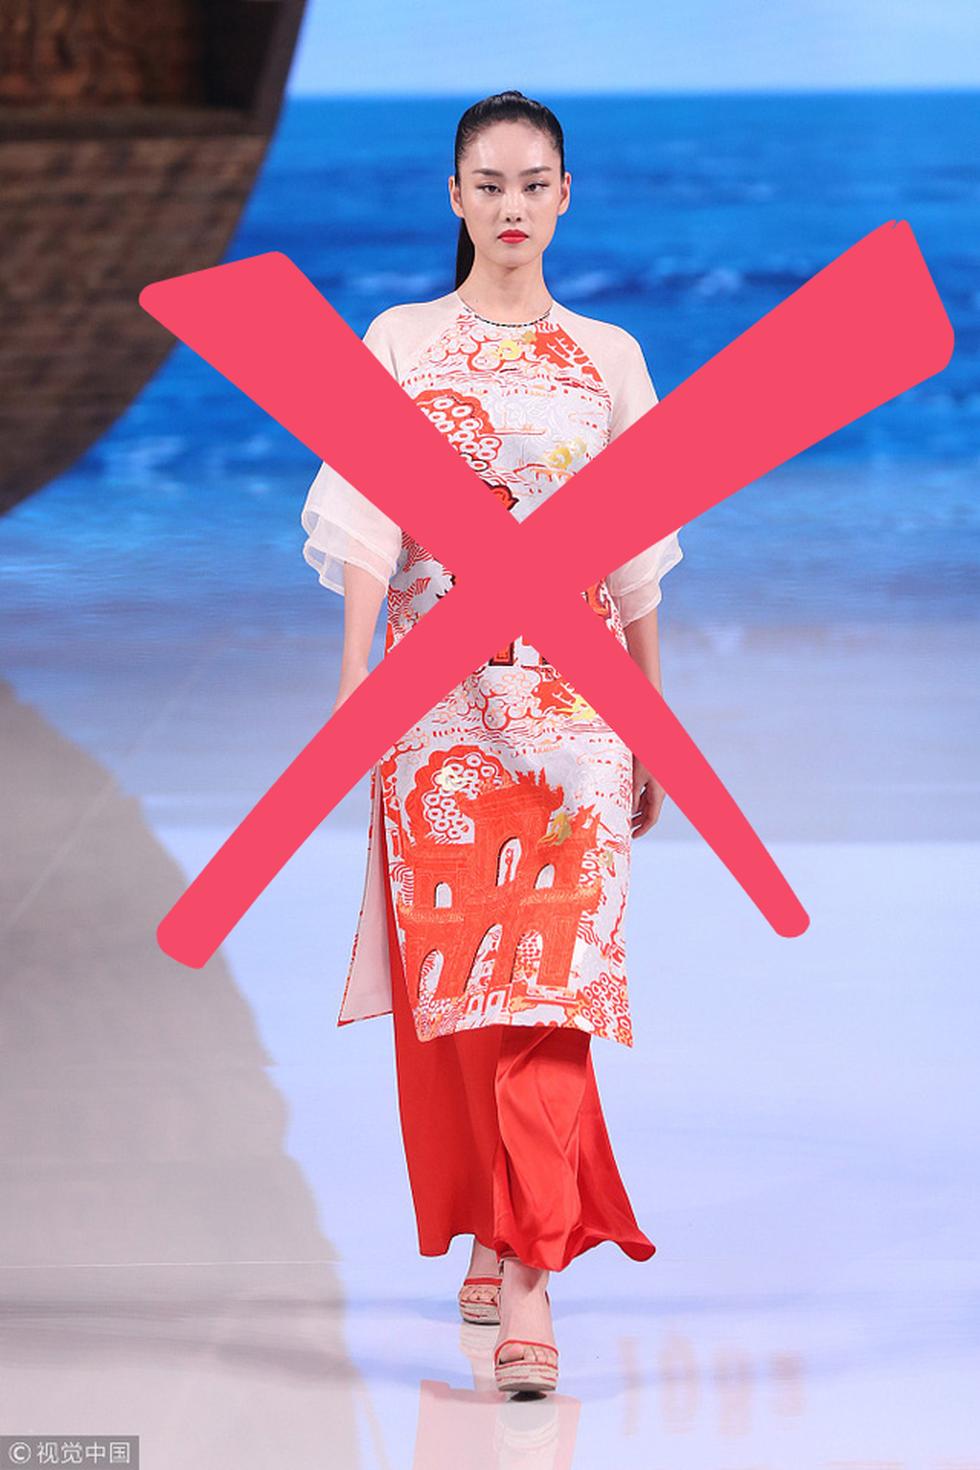 Nhà thiết kế Trung Quốc từng xài mẫu áo dài Việt, giờ nói về phẩm giá trang phục Trung Quốc - Ảnh 5.